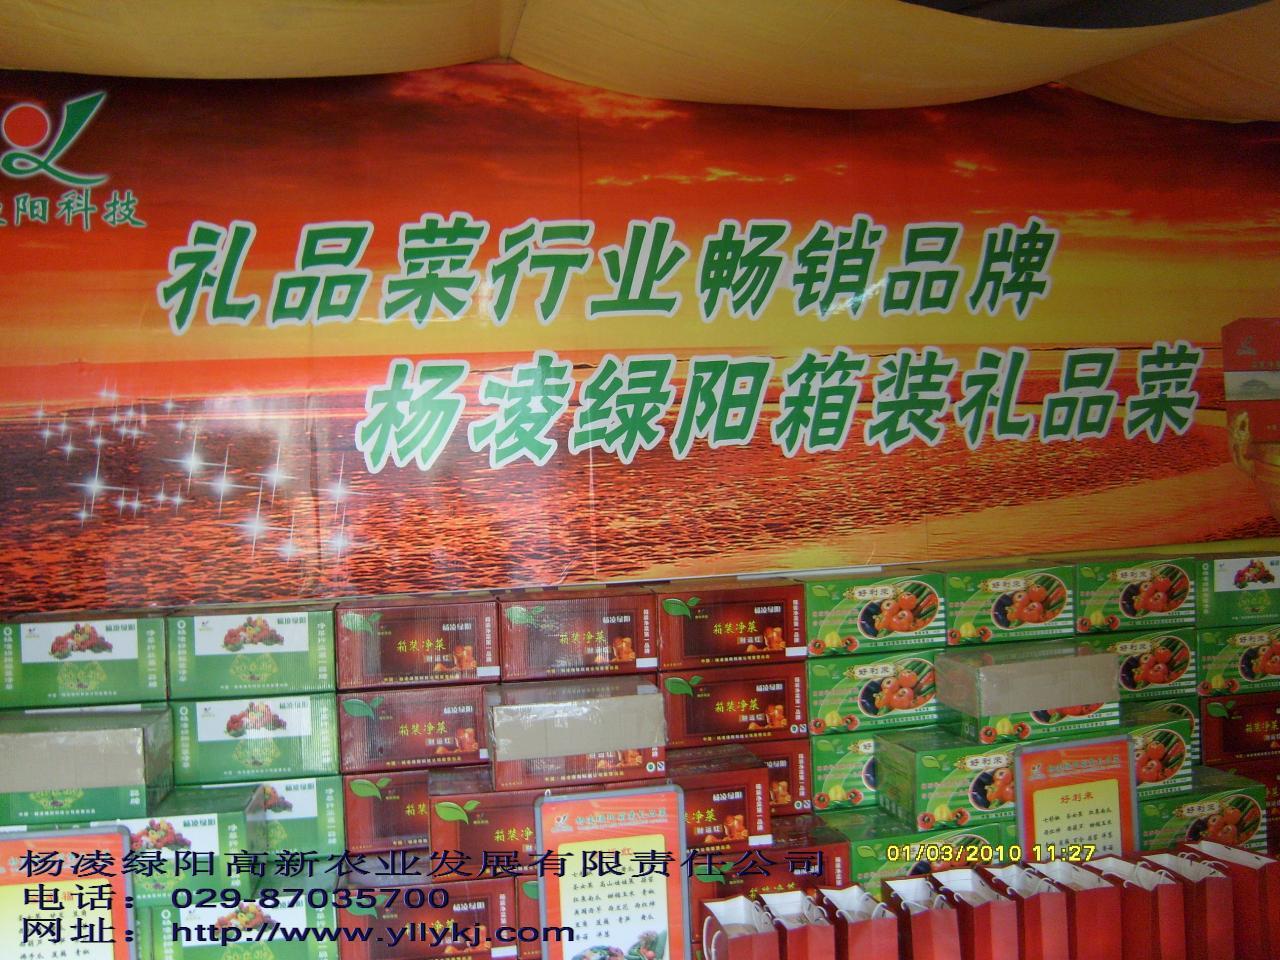 杨凌绿阳礼品菜诚聘加盟商